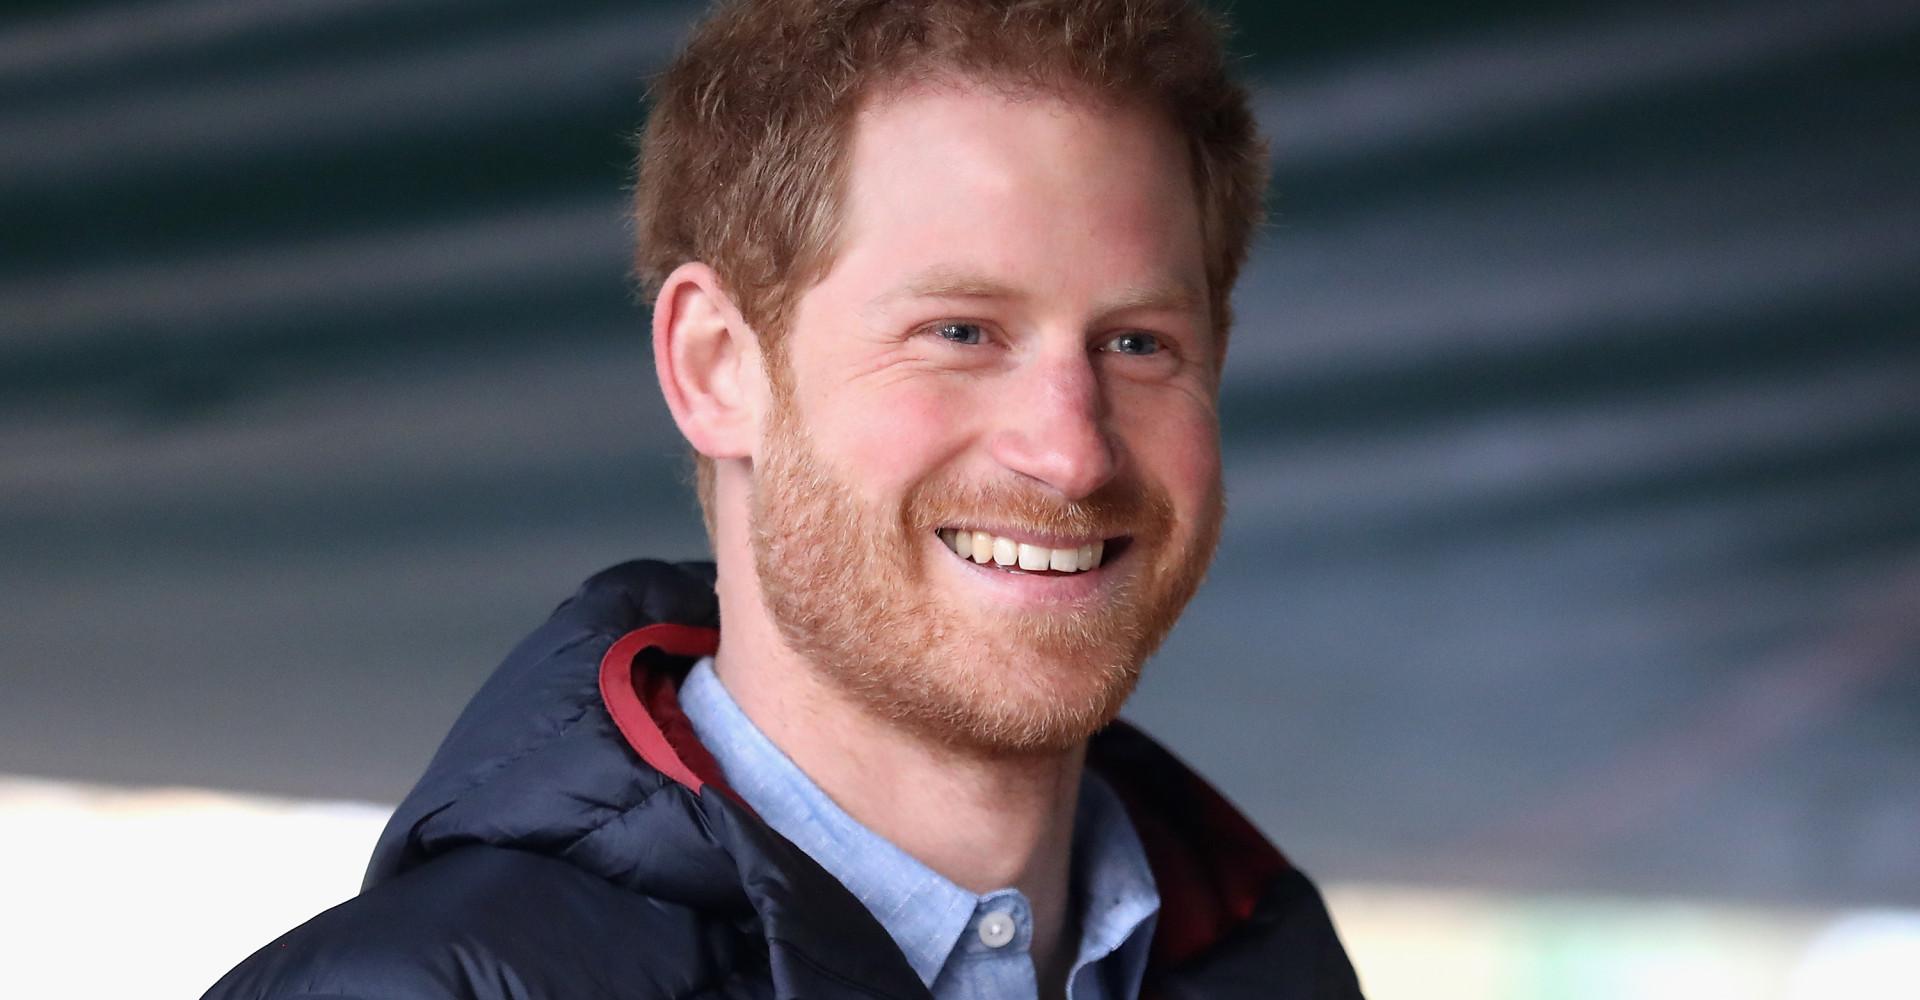 셀럽 프로듀서 명단에 이름을 올린 해리 왕자!